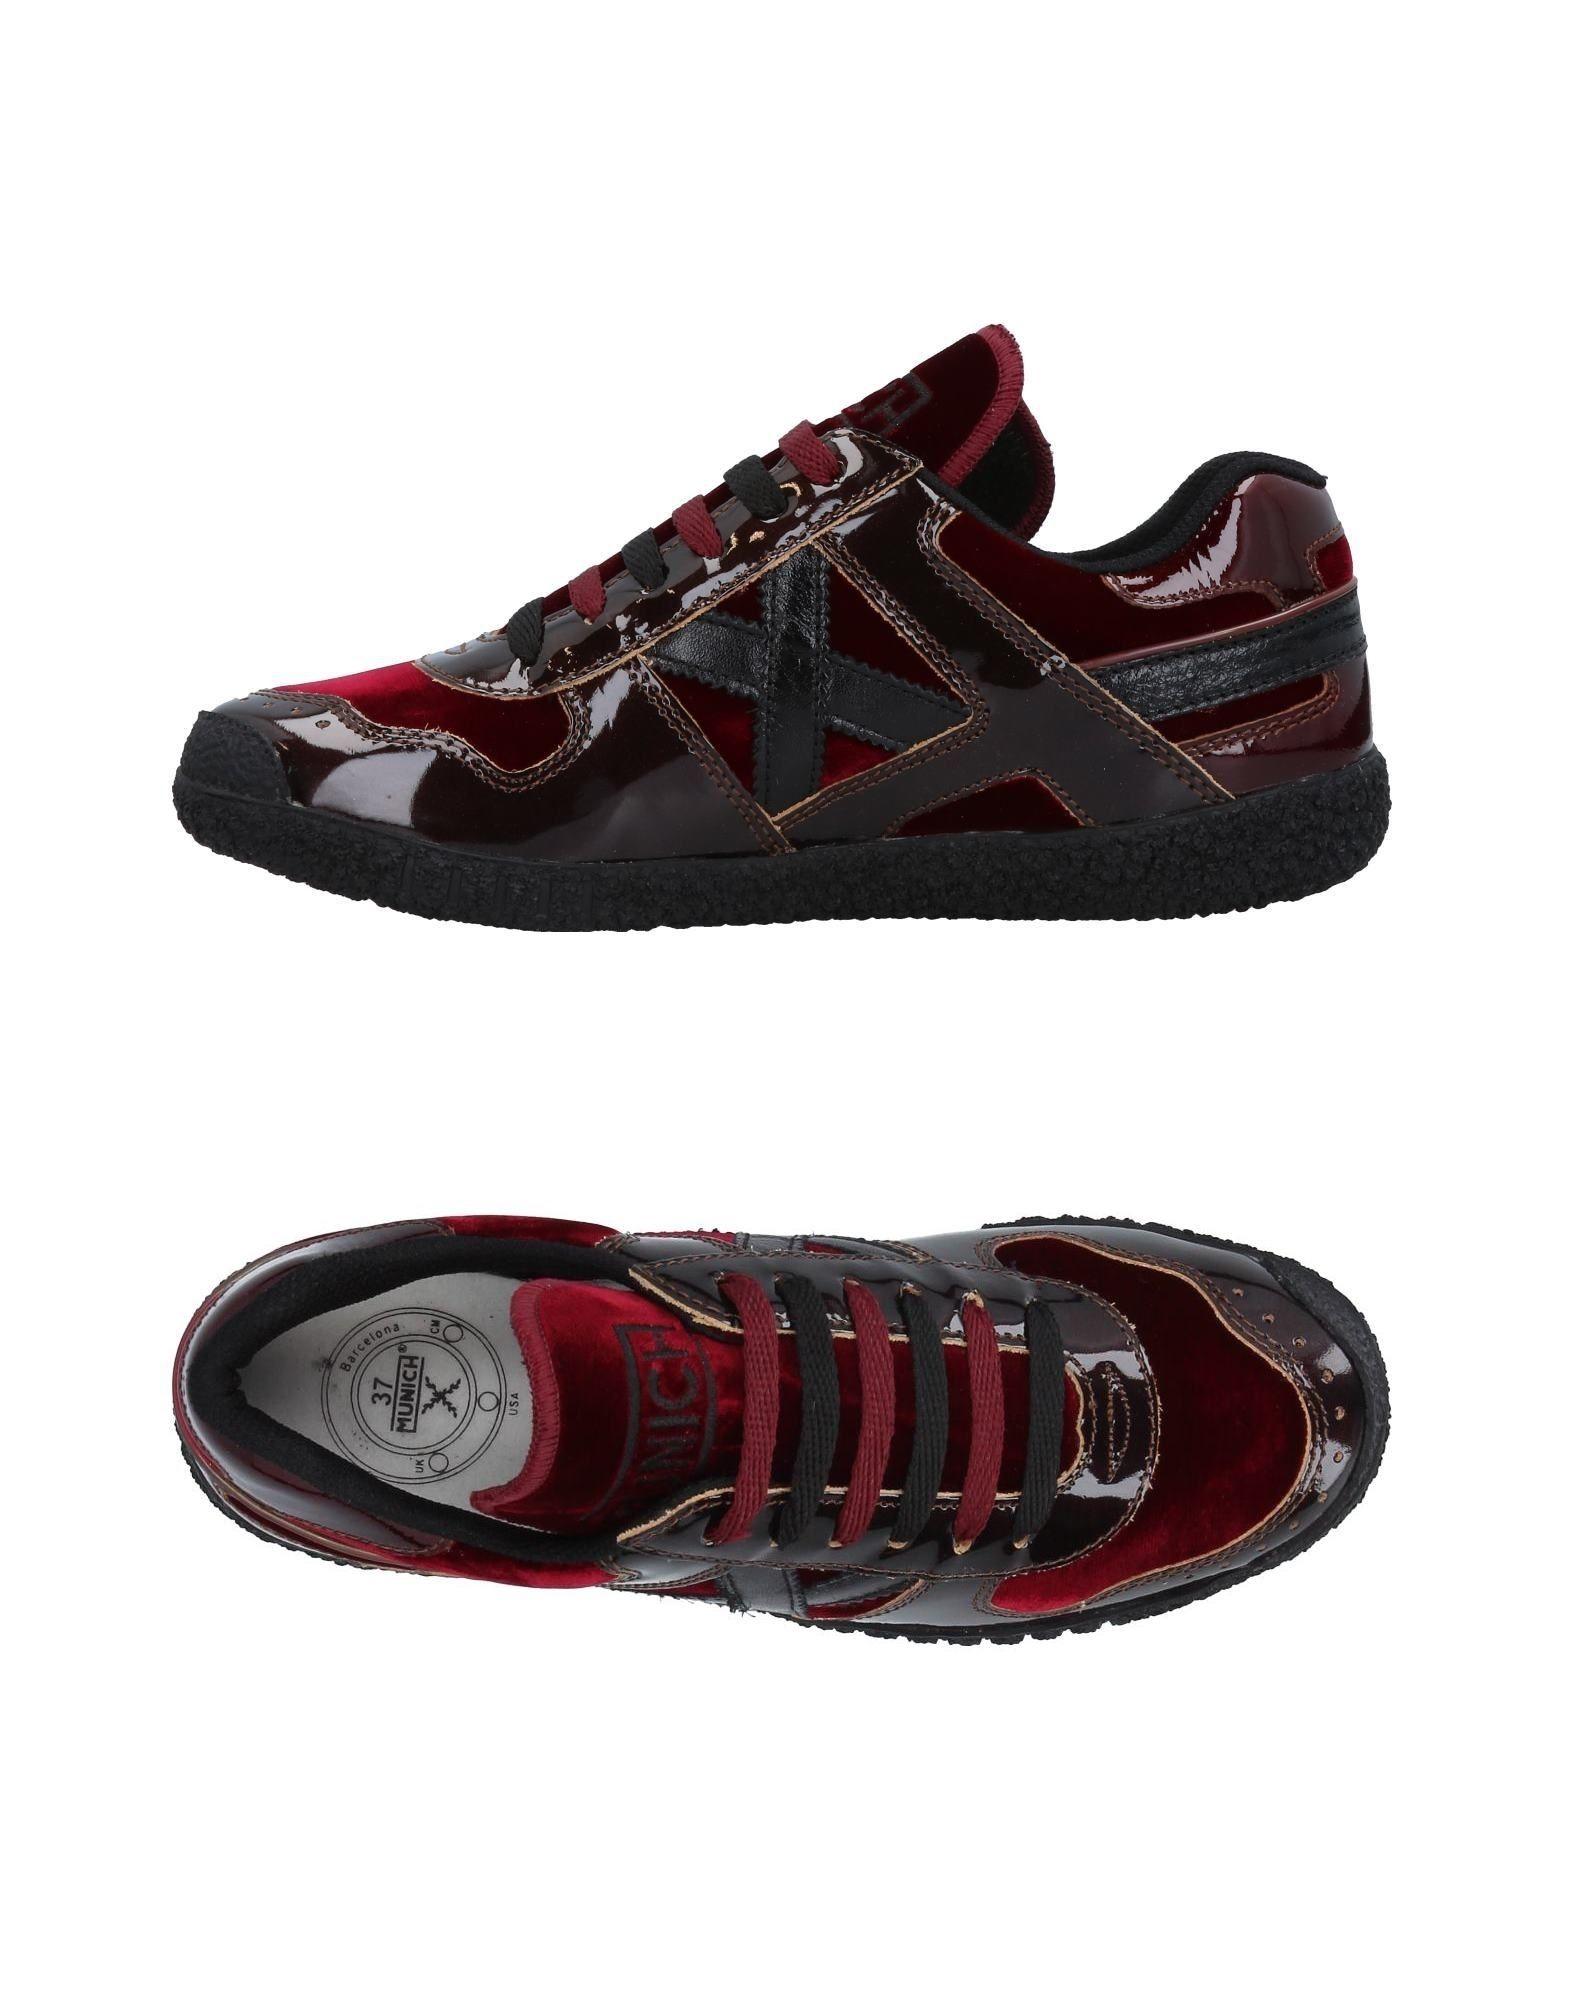 Sneakers e Munich Donna - 11413145TJ Scarpe comode e Sneakers distintive c14e58